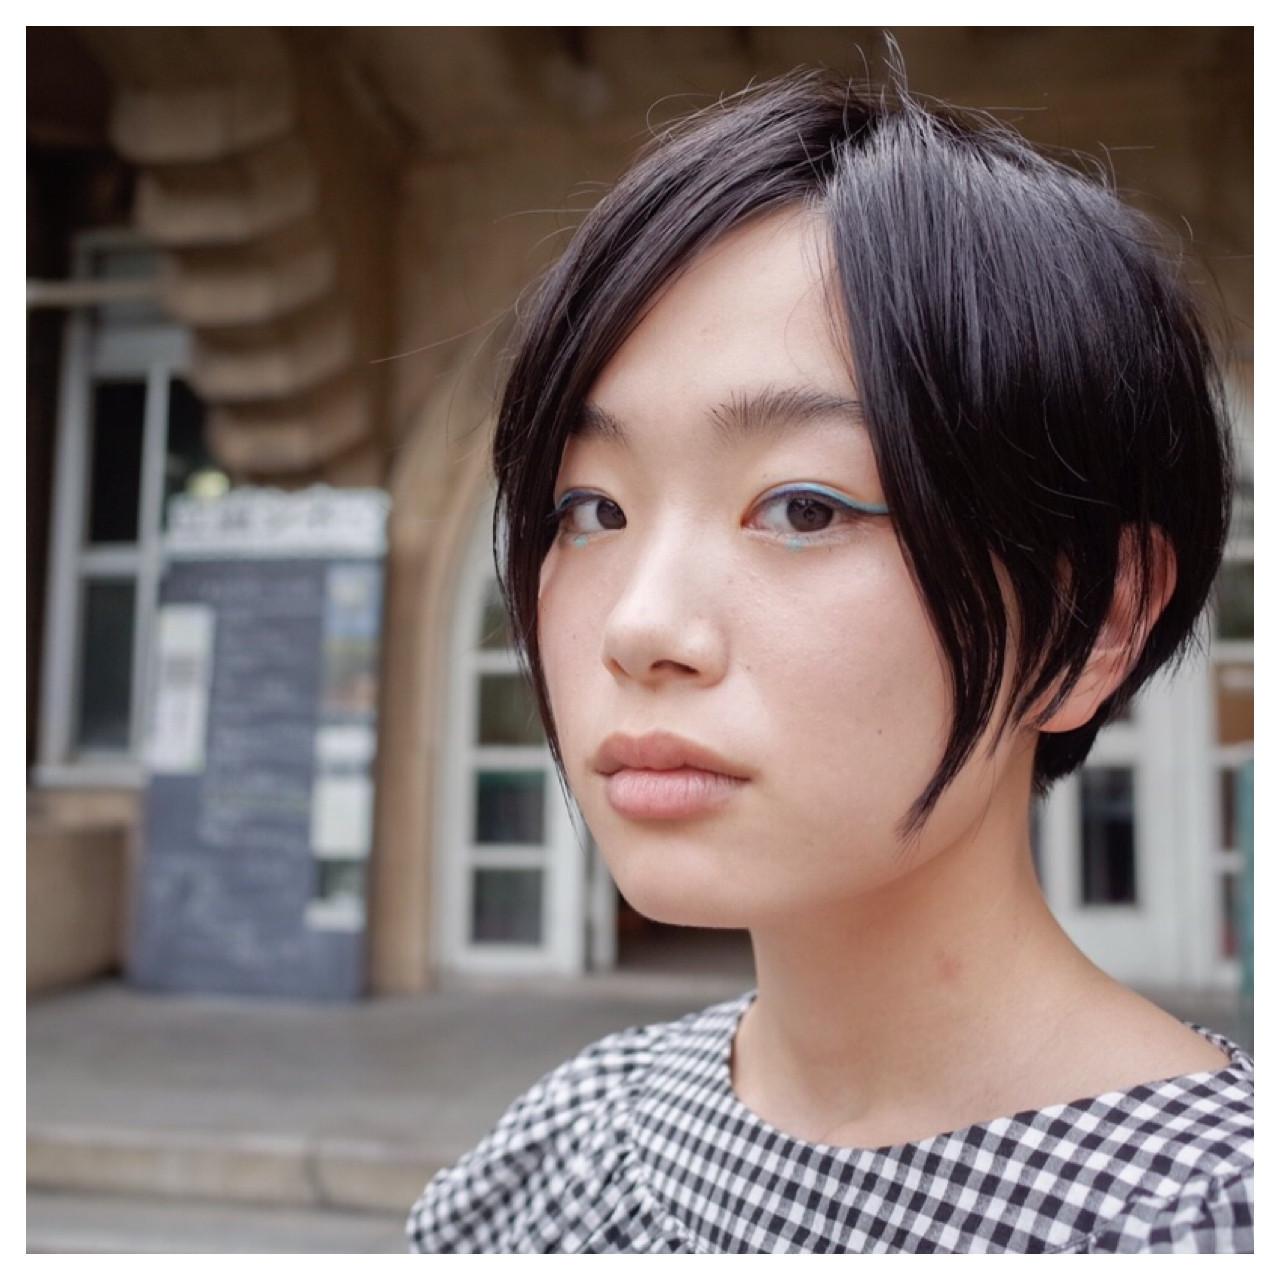 アシメフォルムでフレッシュな印象に Emiko Nakanishi